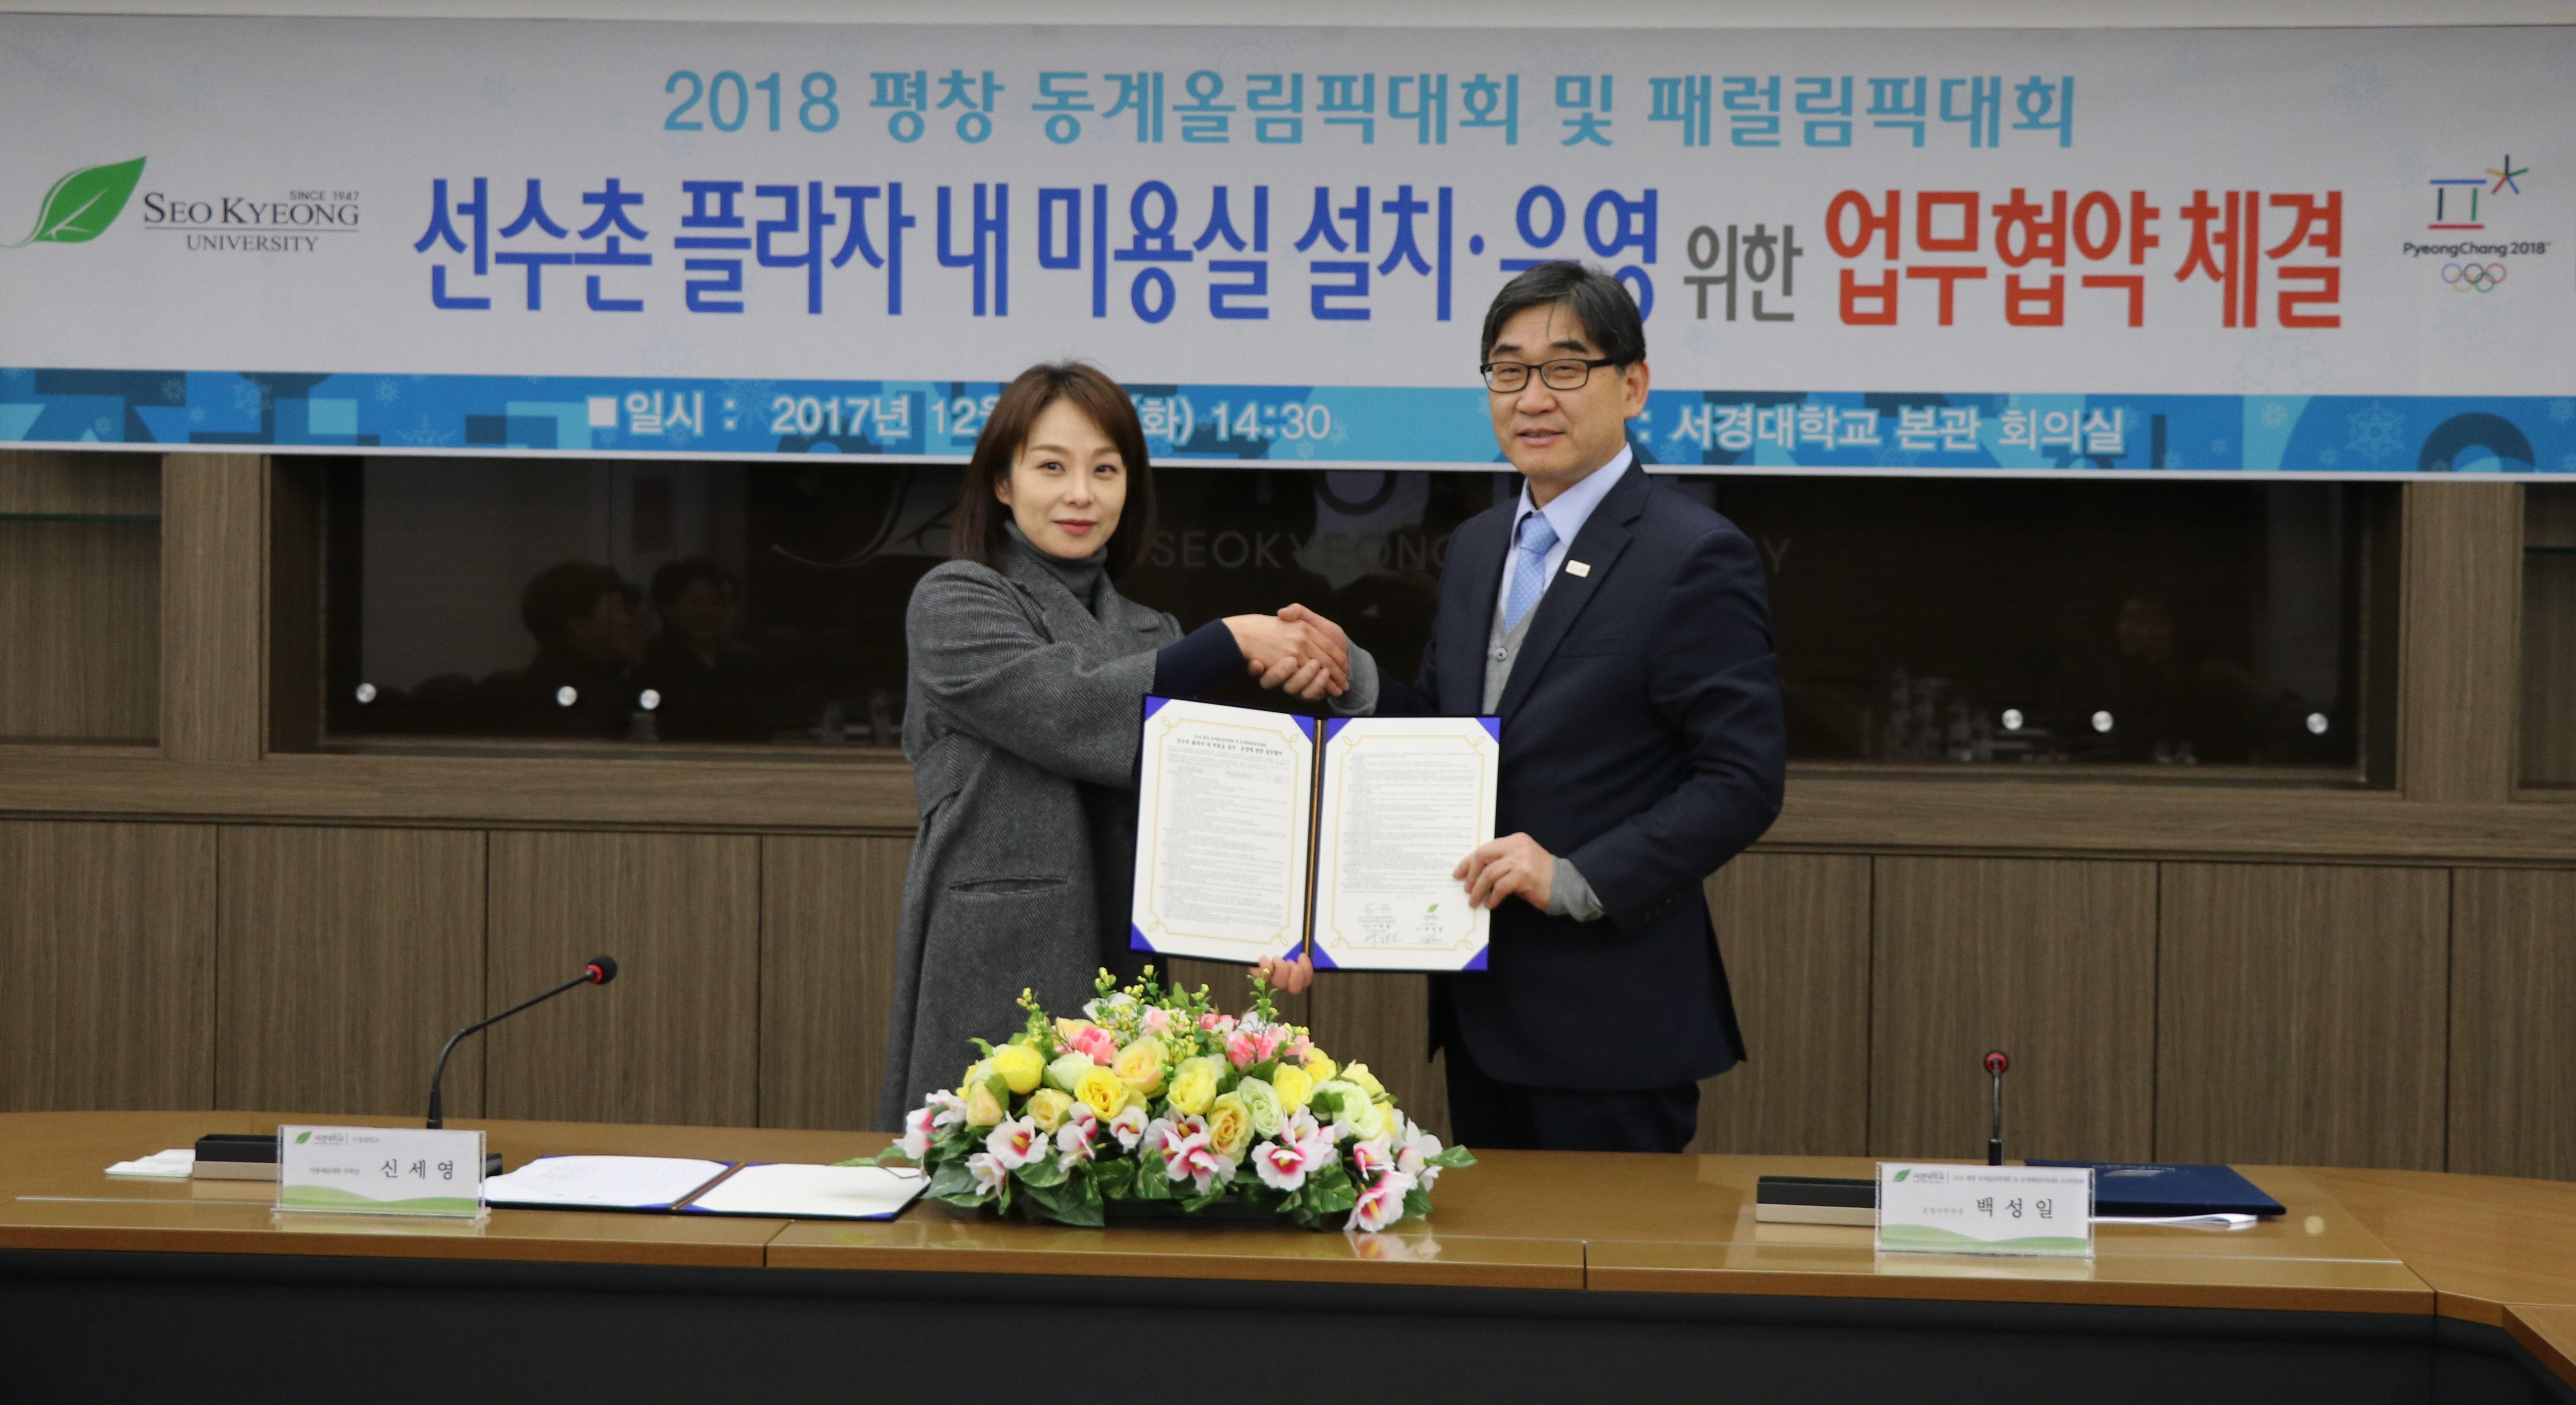 서경대-평창동계올림픽조직위원회 mou.jpg